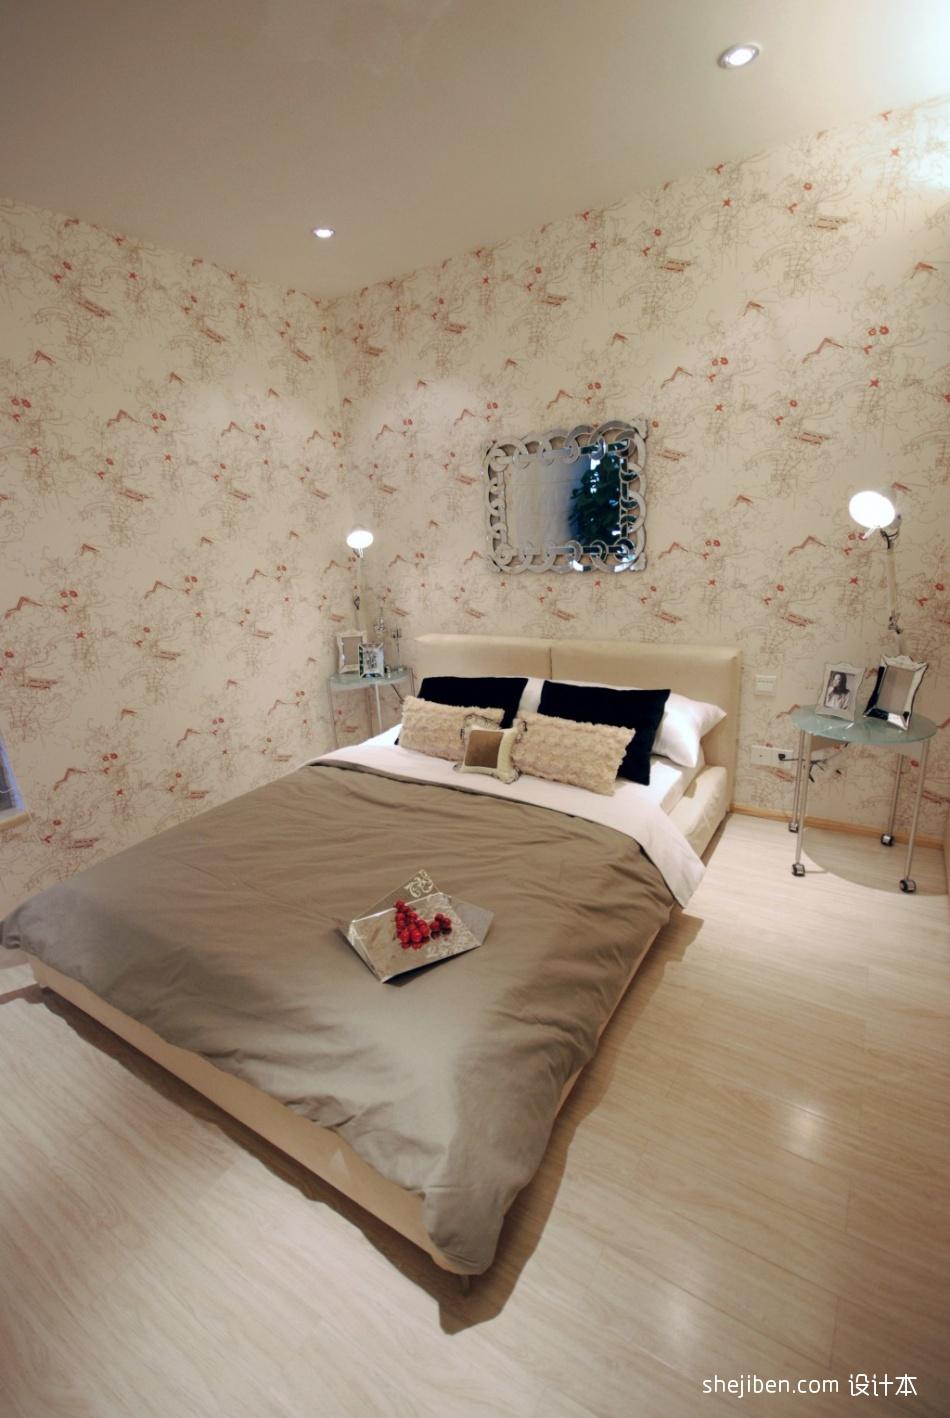 室内装修卧室背景墙_现代风格简单少女卧室花纹壁纸床头背景墙装修效果图片 – 设计 ...